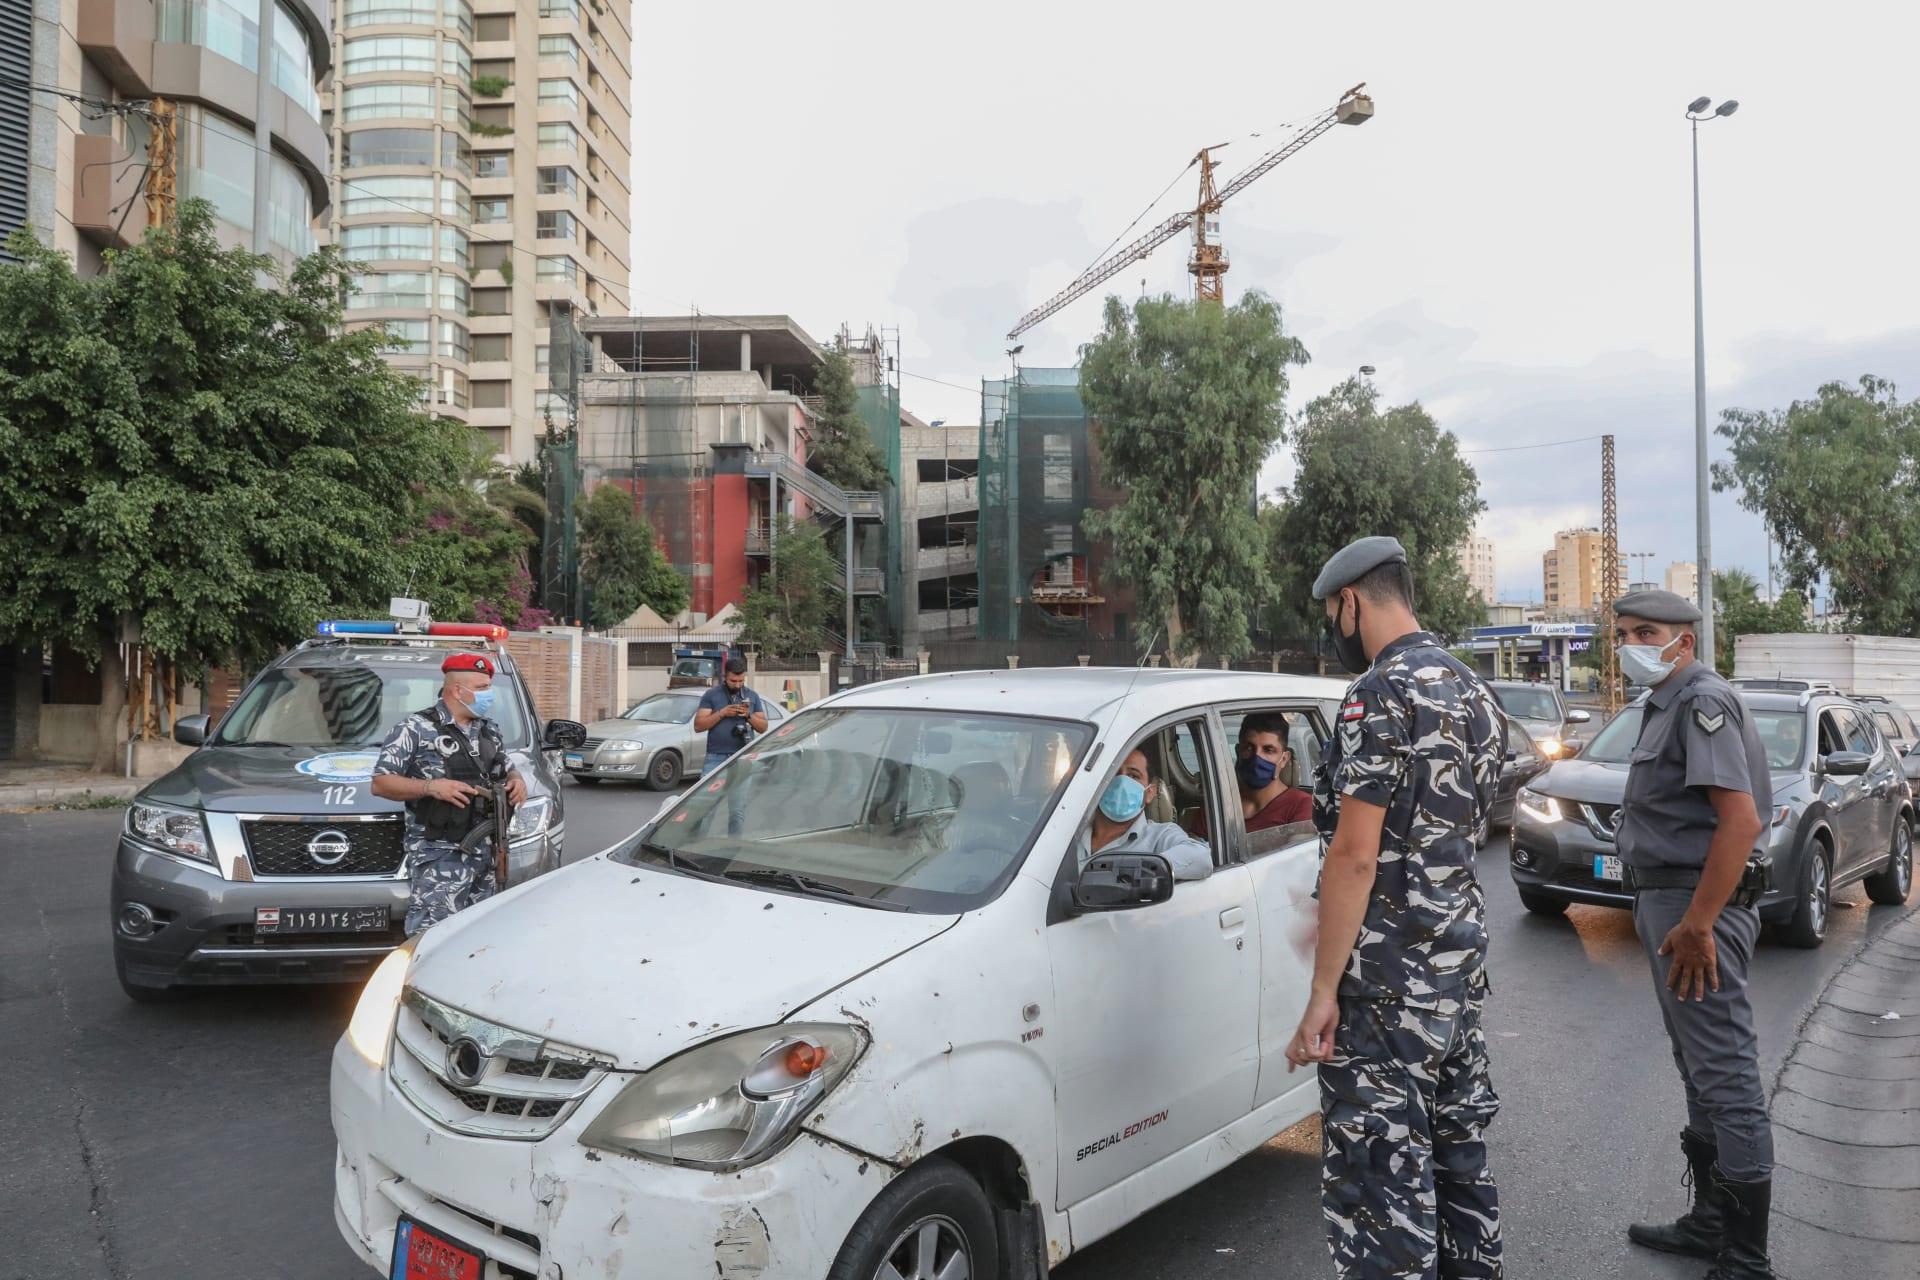 قوات الأمن في العاصمة اللبنانية بيروت في أحد الكمائن بعد تفشي كورونا